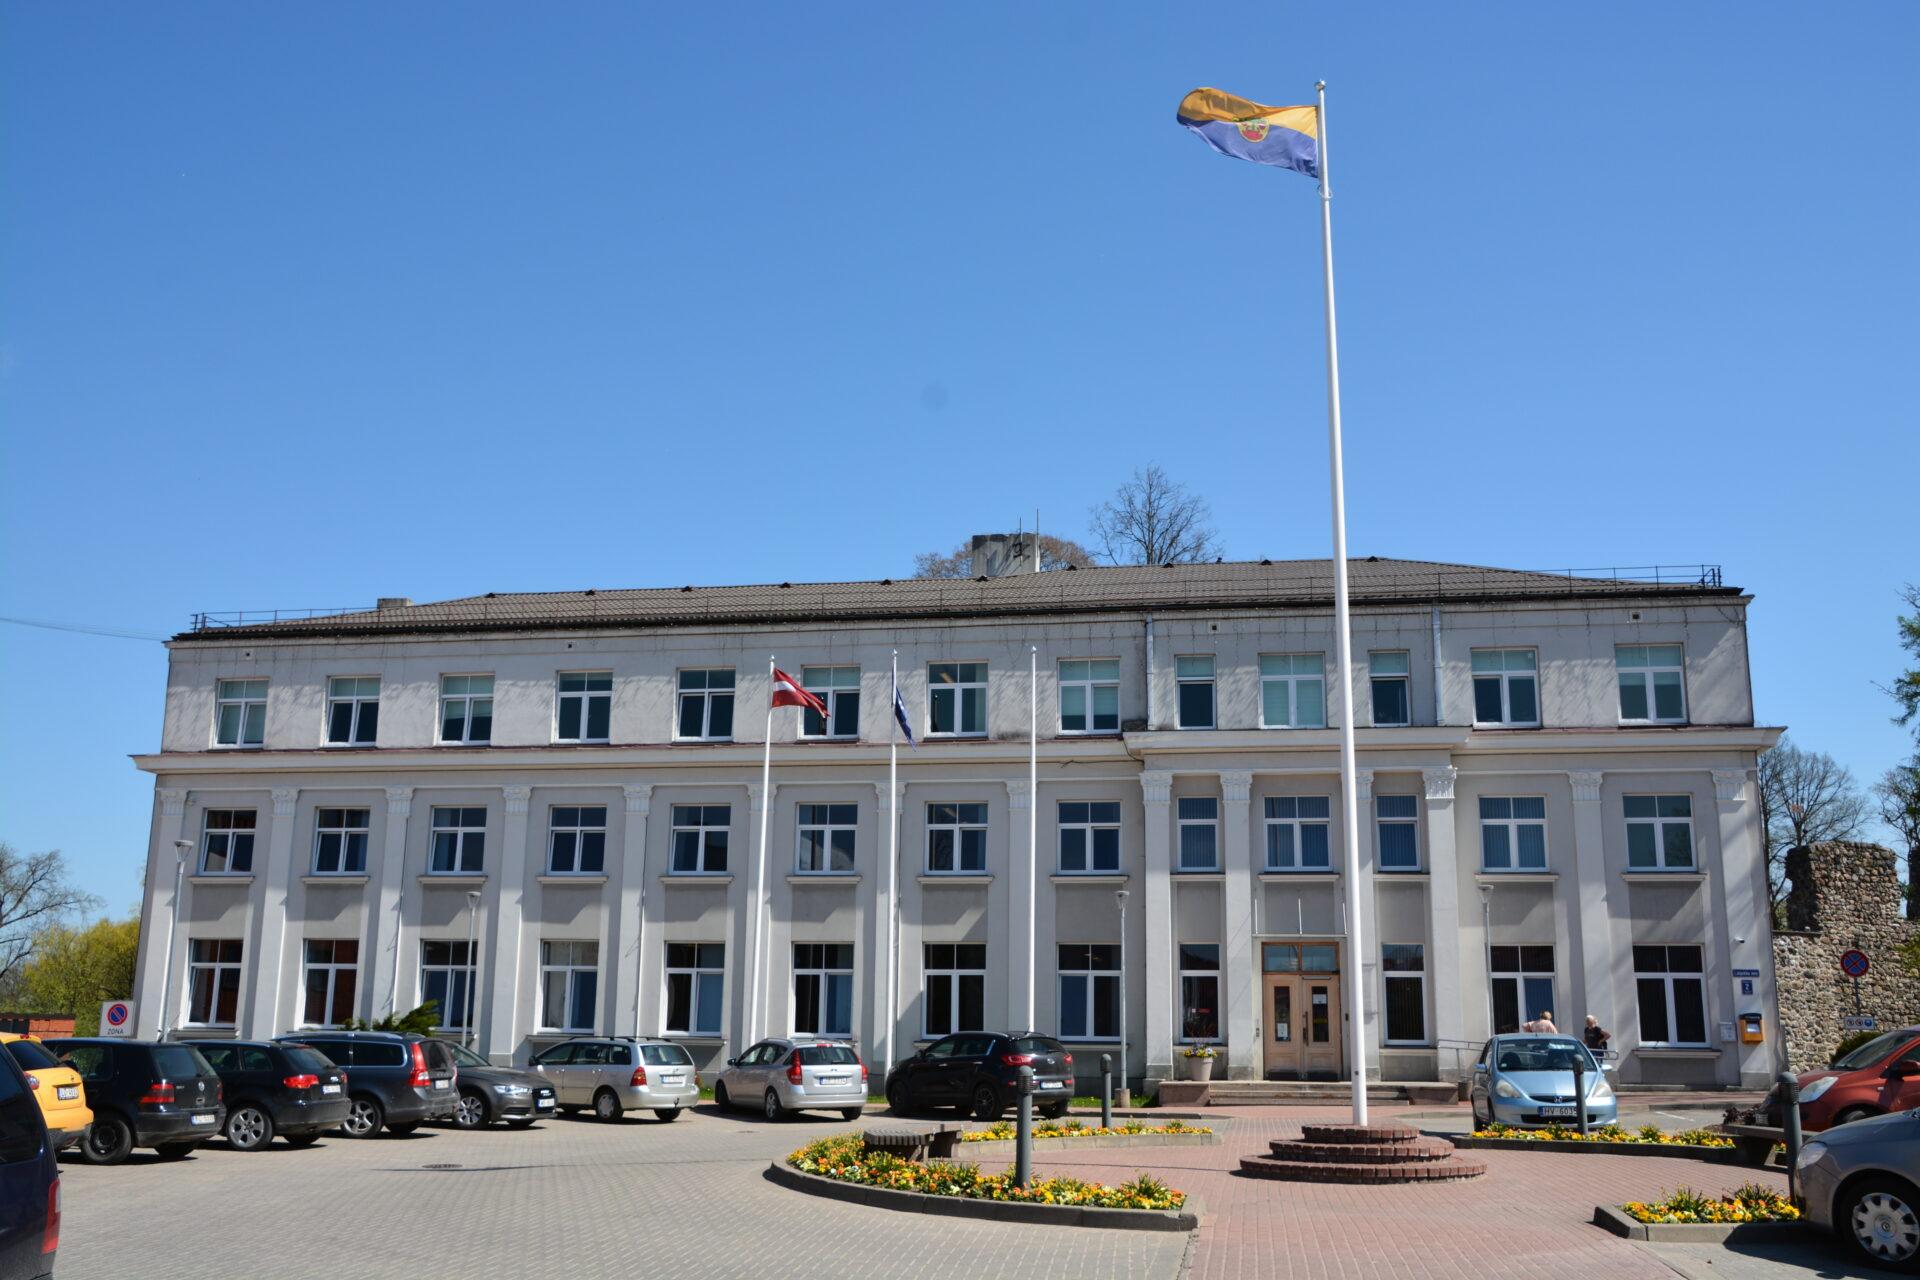 Valmieras pilsētas pašvaldības un tās iestāžu darba organizēšana